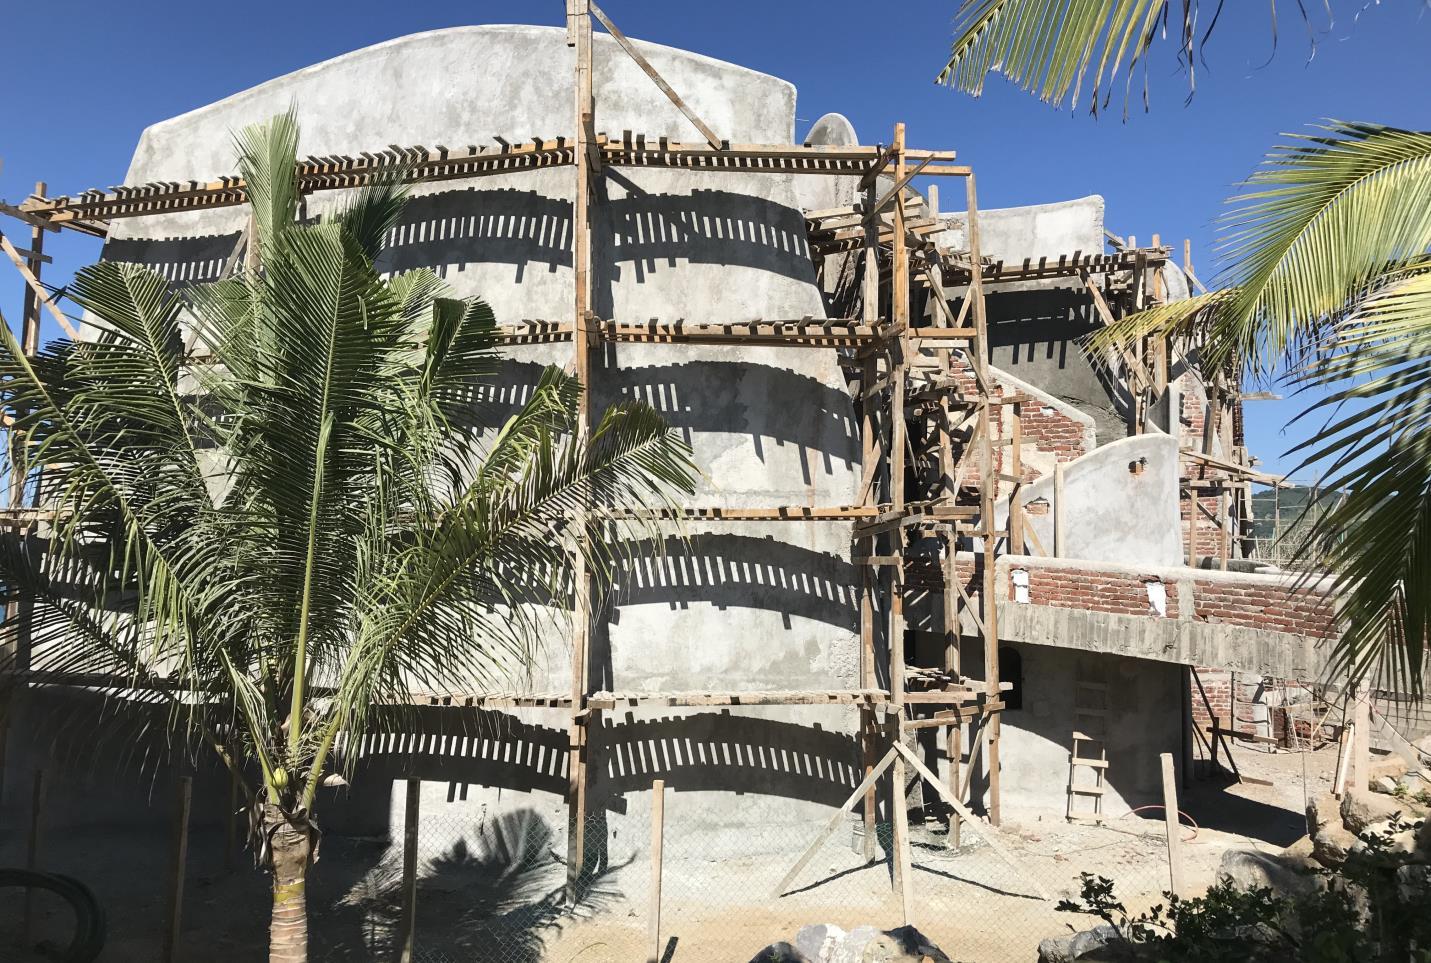 REPORTE-FOTOGRAFICO-PUNTA-MAJAHUA-18-DE-NOVIEMBRE-DEL-2018-015.jpg